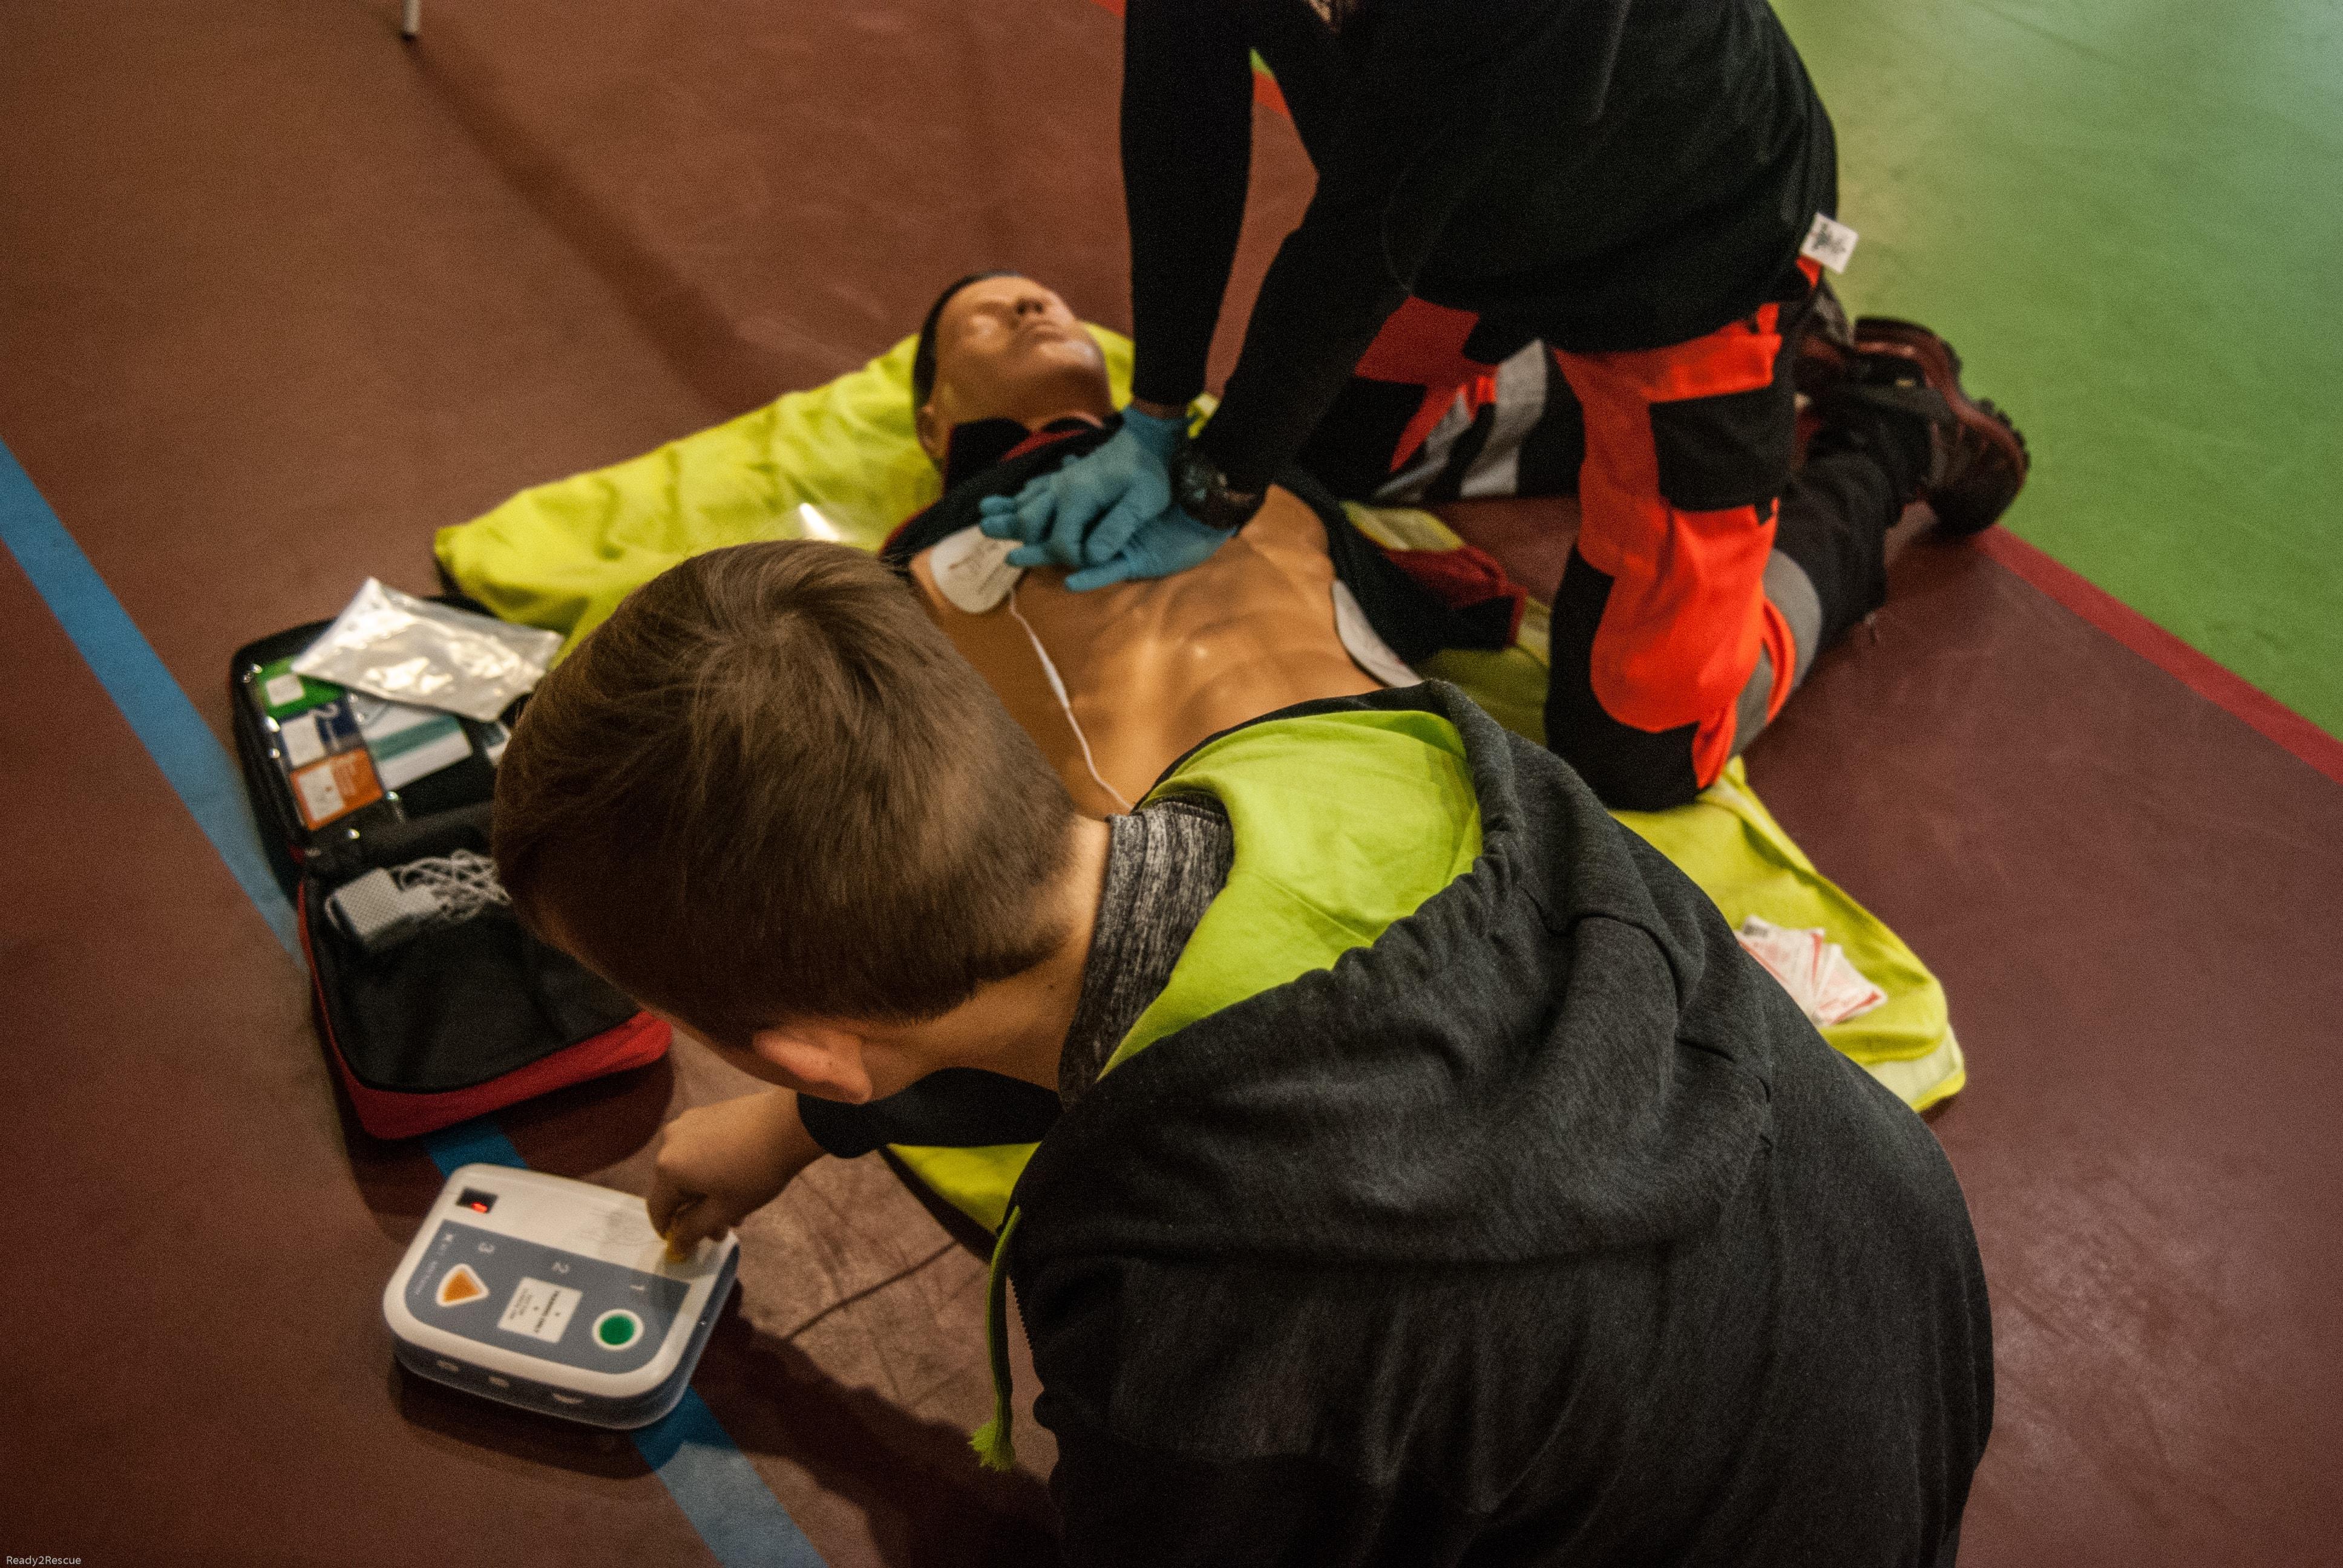 pierwsza pomoc nie oddycha, BLS+AED